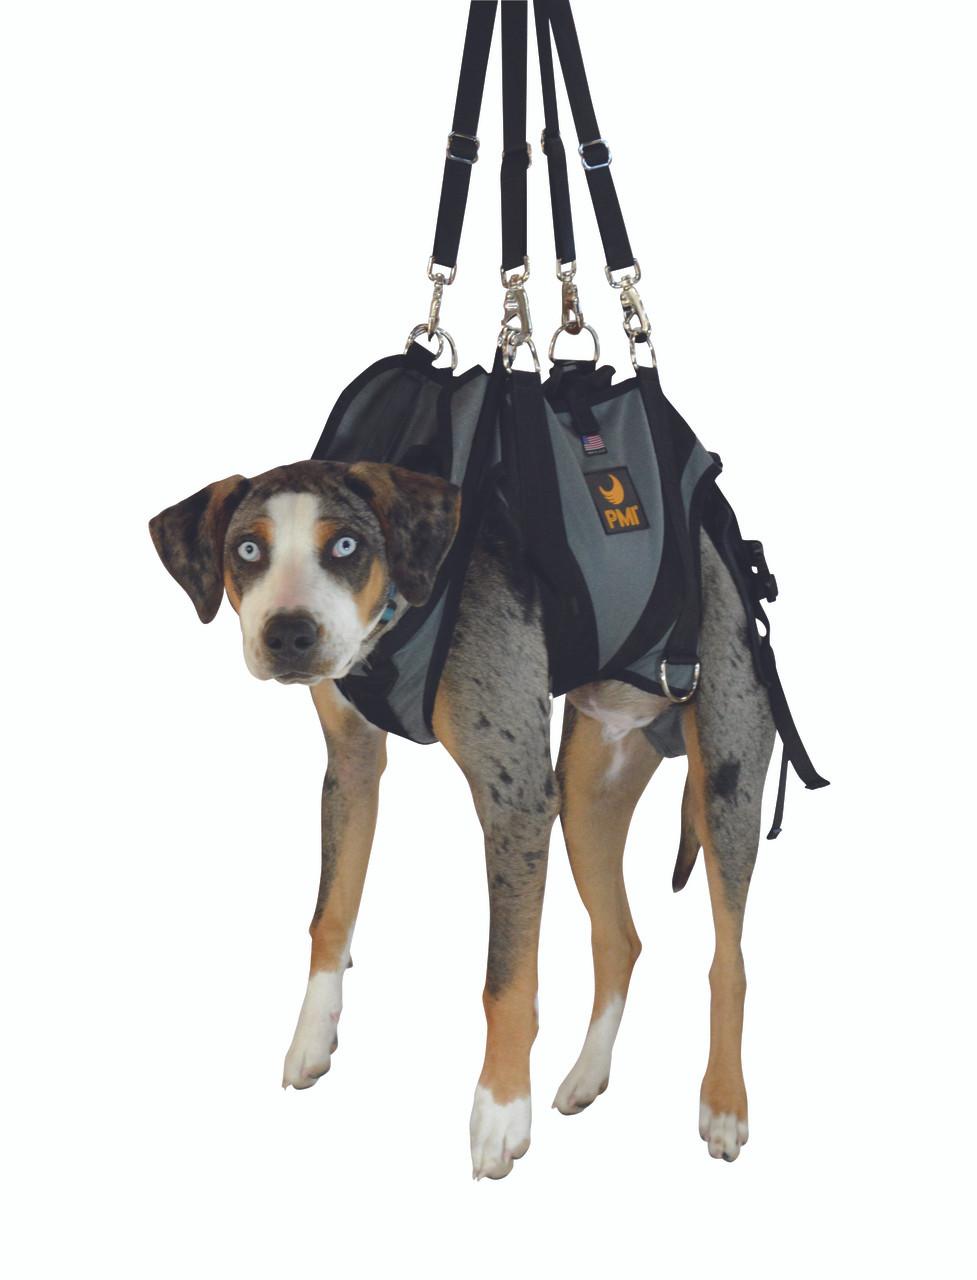 anexk9 harness [ 977 x 1280 Pixel ]